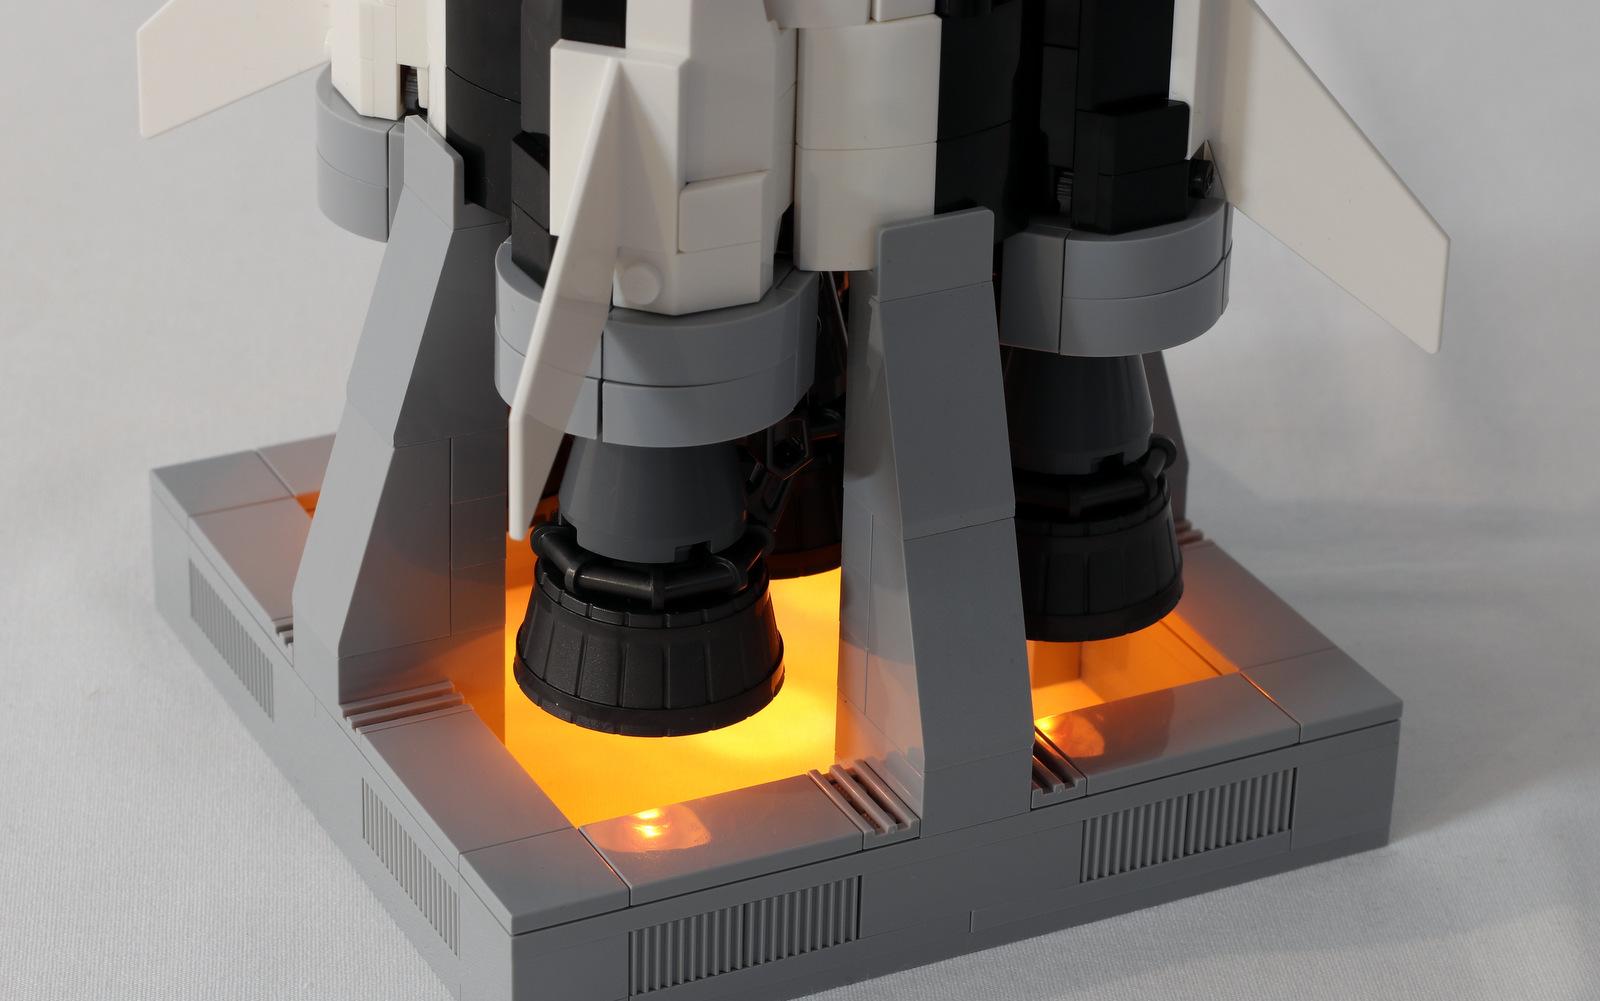 Lego Moc 8497 Saturn V Launch Platform Lego Ideas And